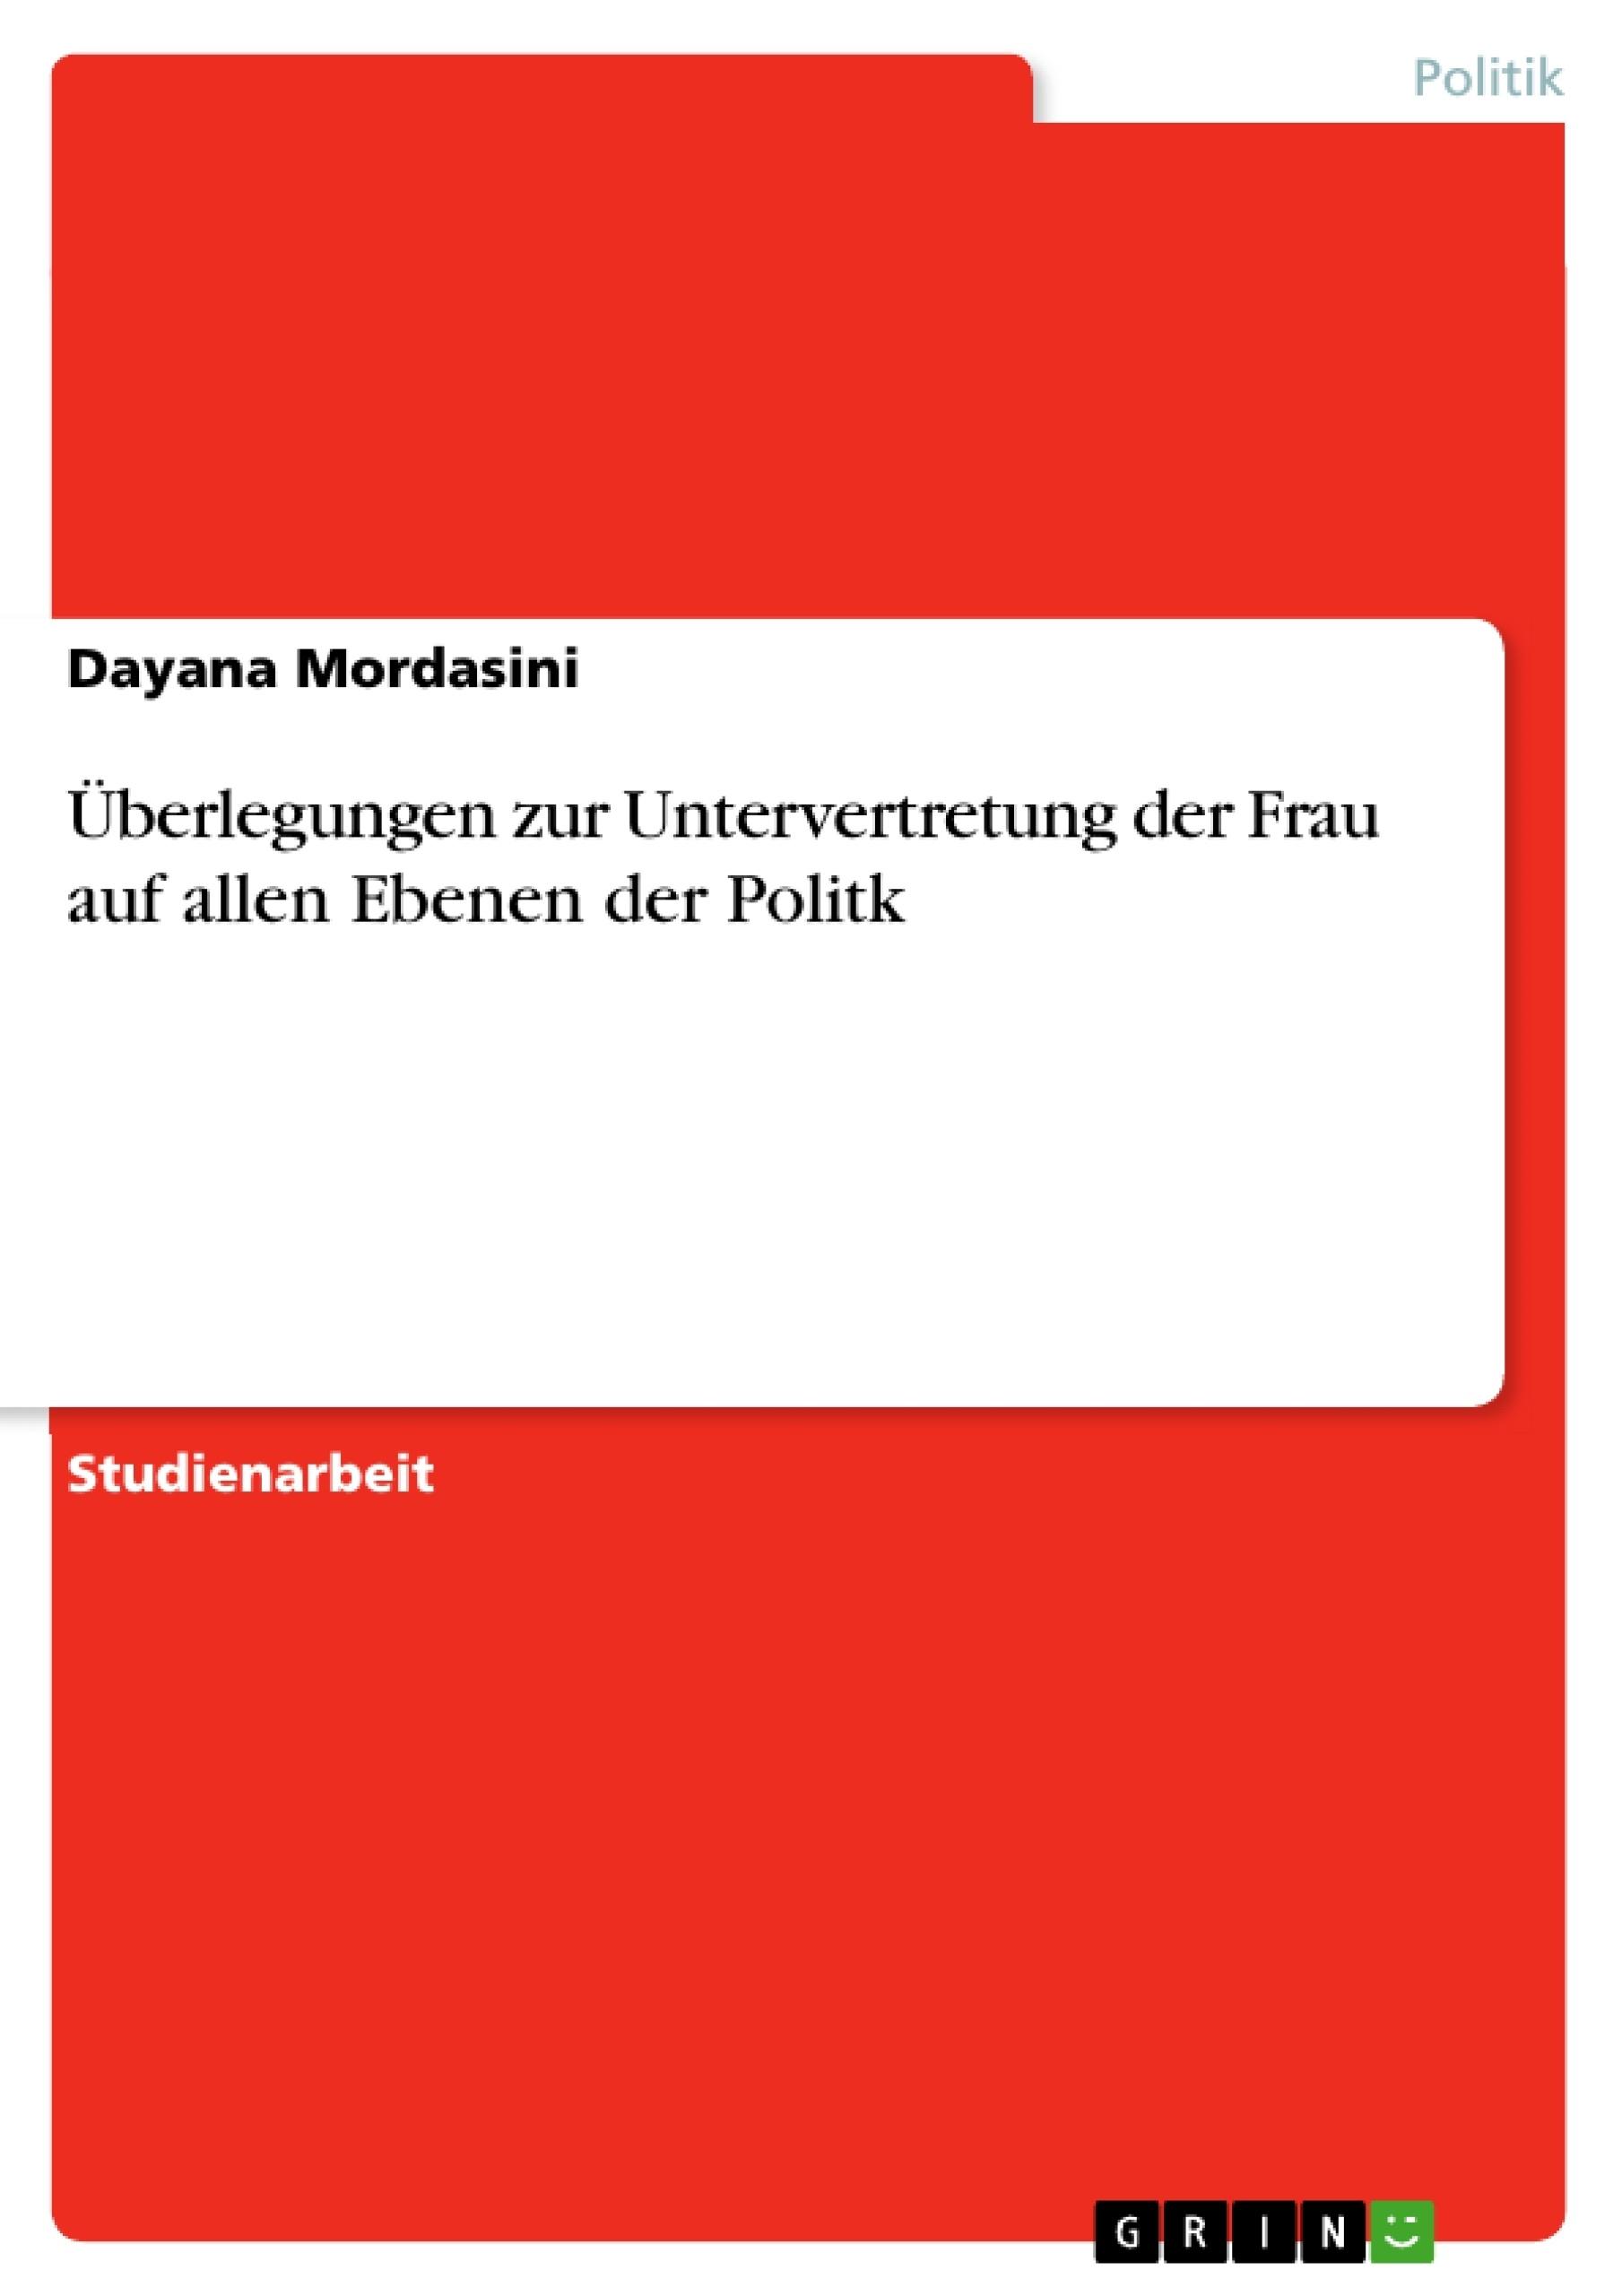 Titel: Überlegungen zur Untervertretung der Frau auf allen Ebenen der Politk